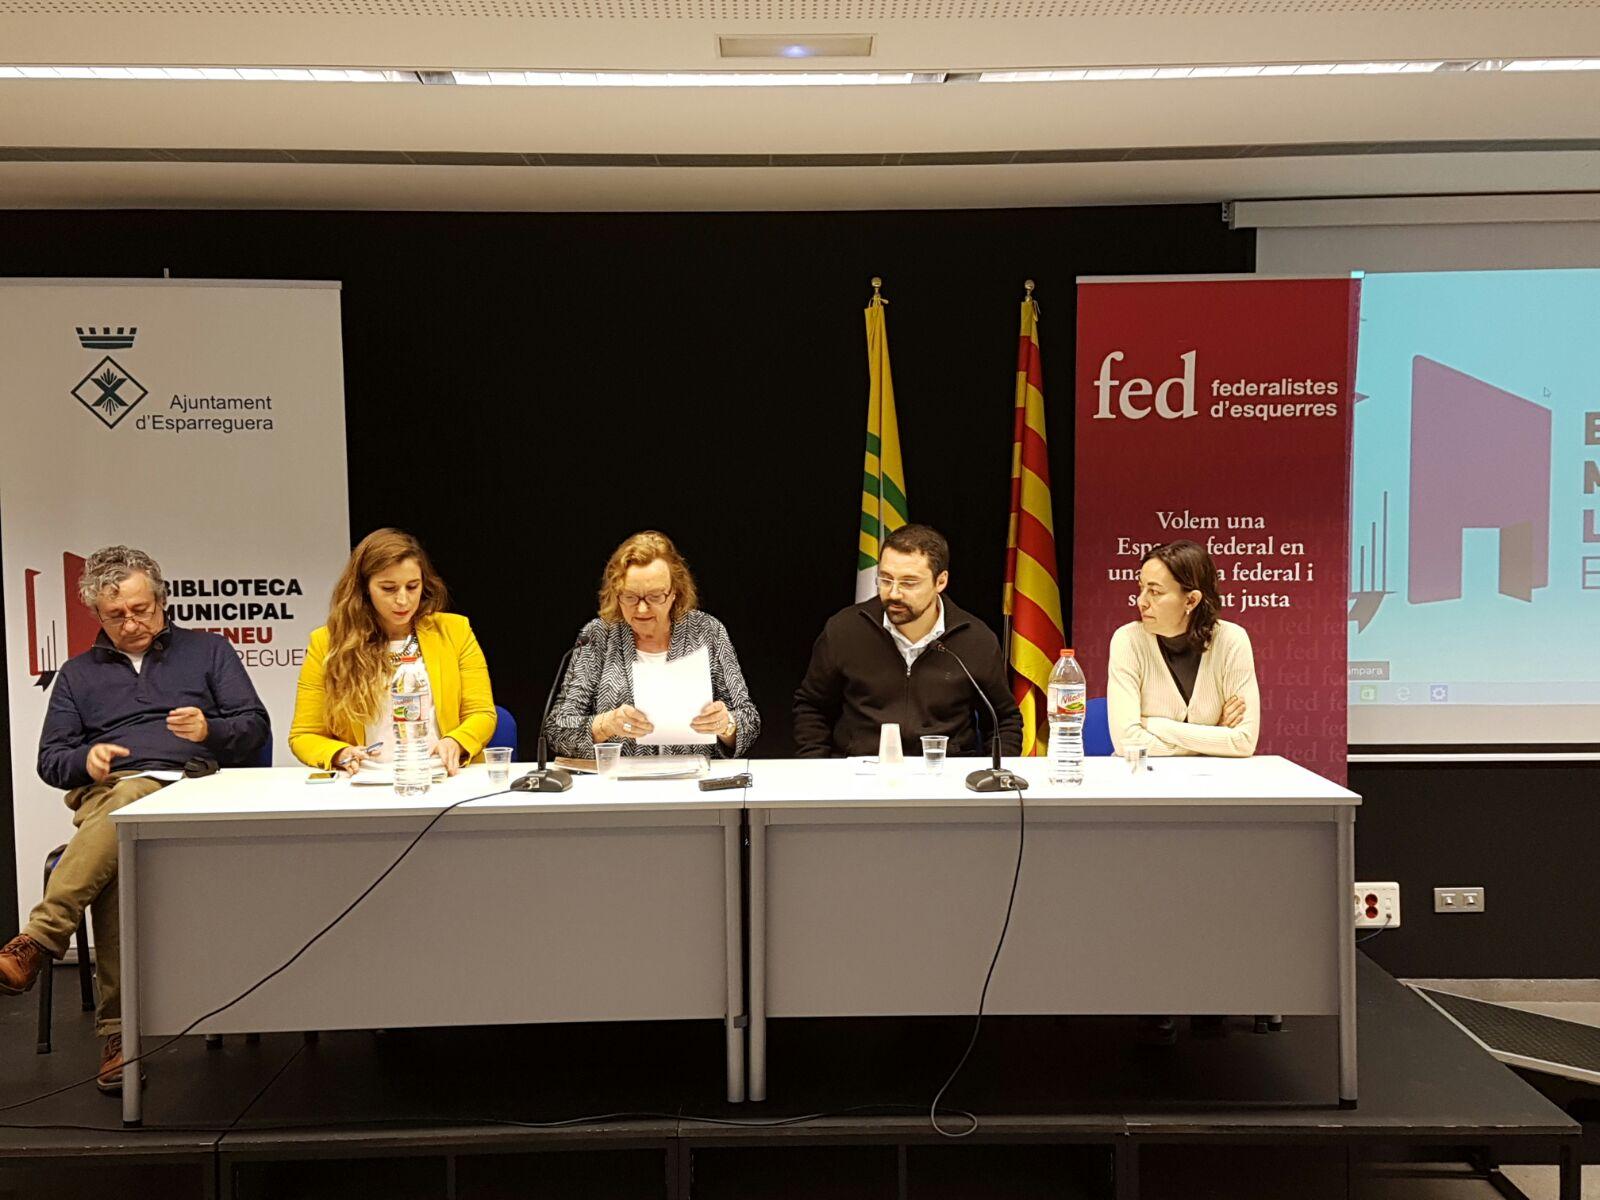 Foto LC. Acte Volem una Espanya federal i una societat justa